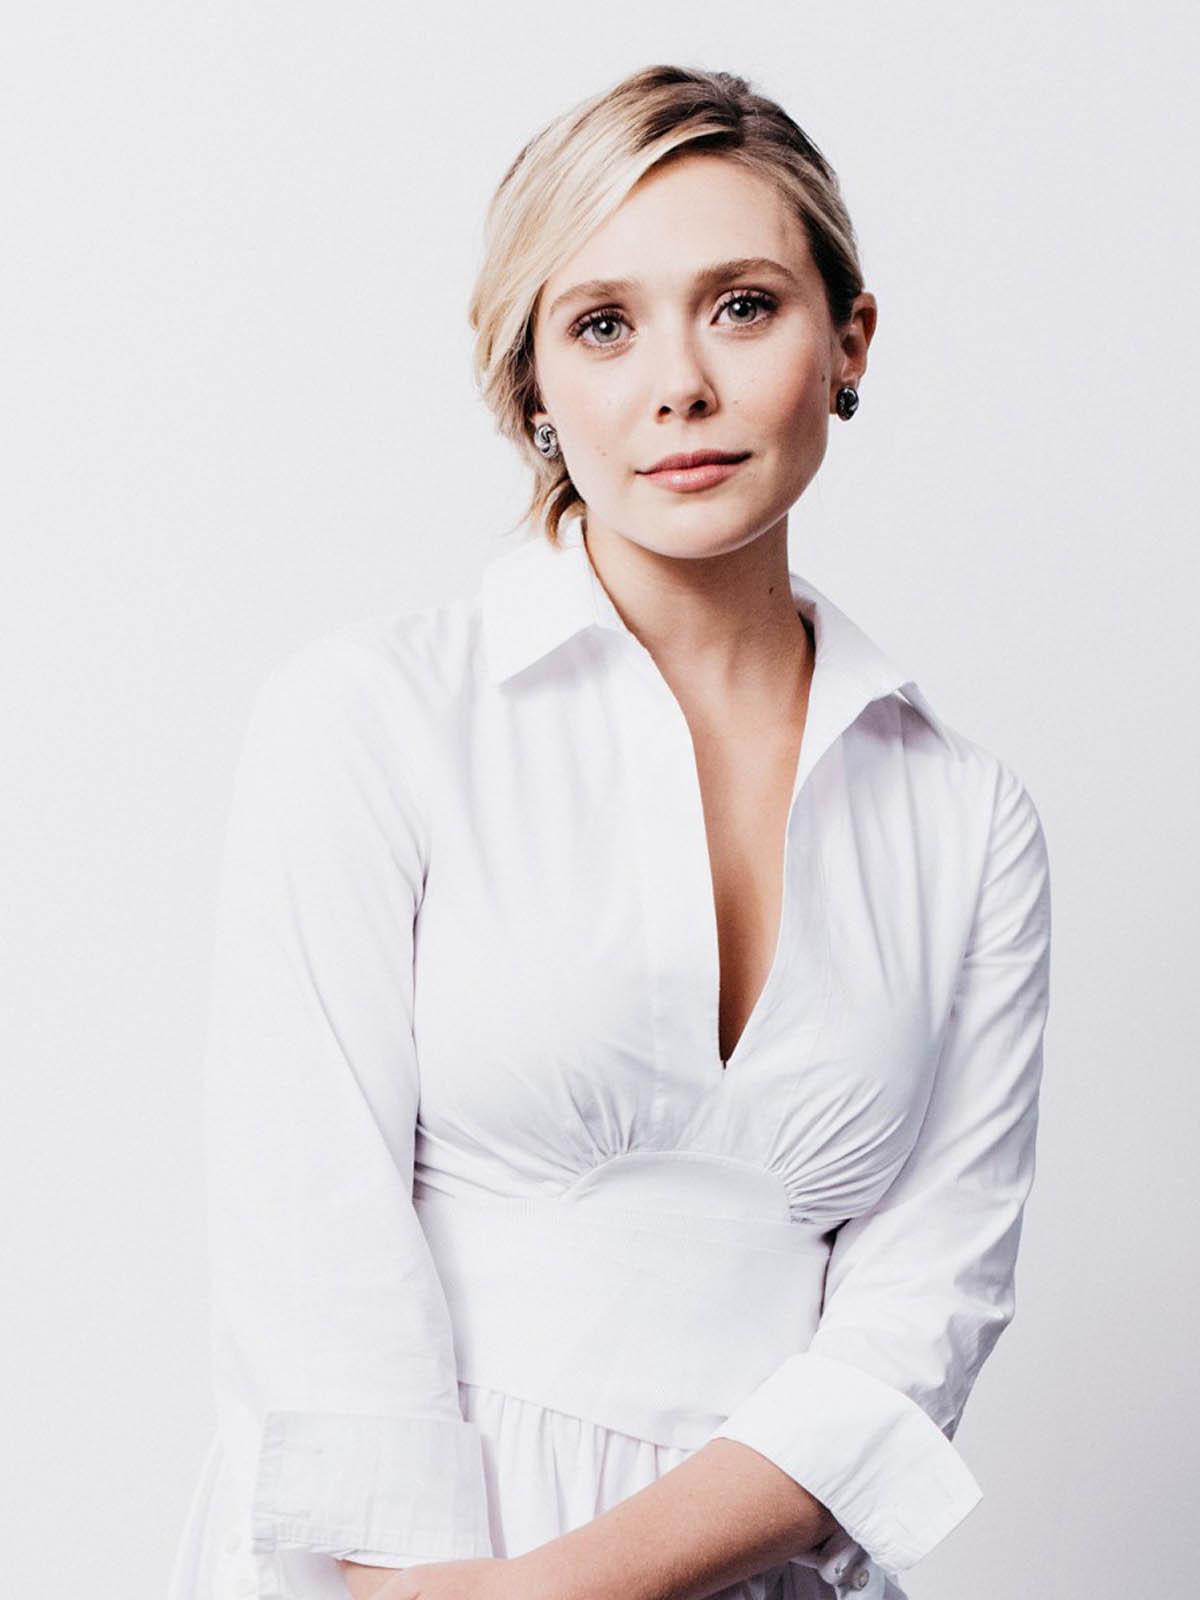 28+ Elizabeth Olsen Wallpaper  Images